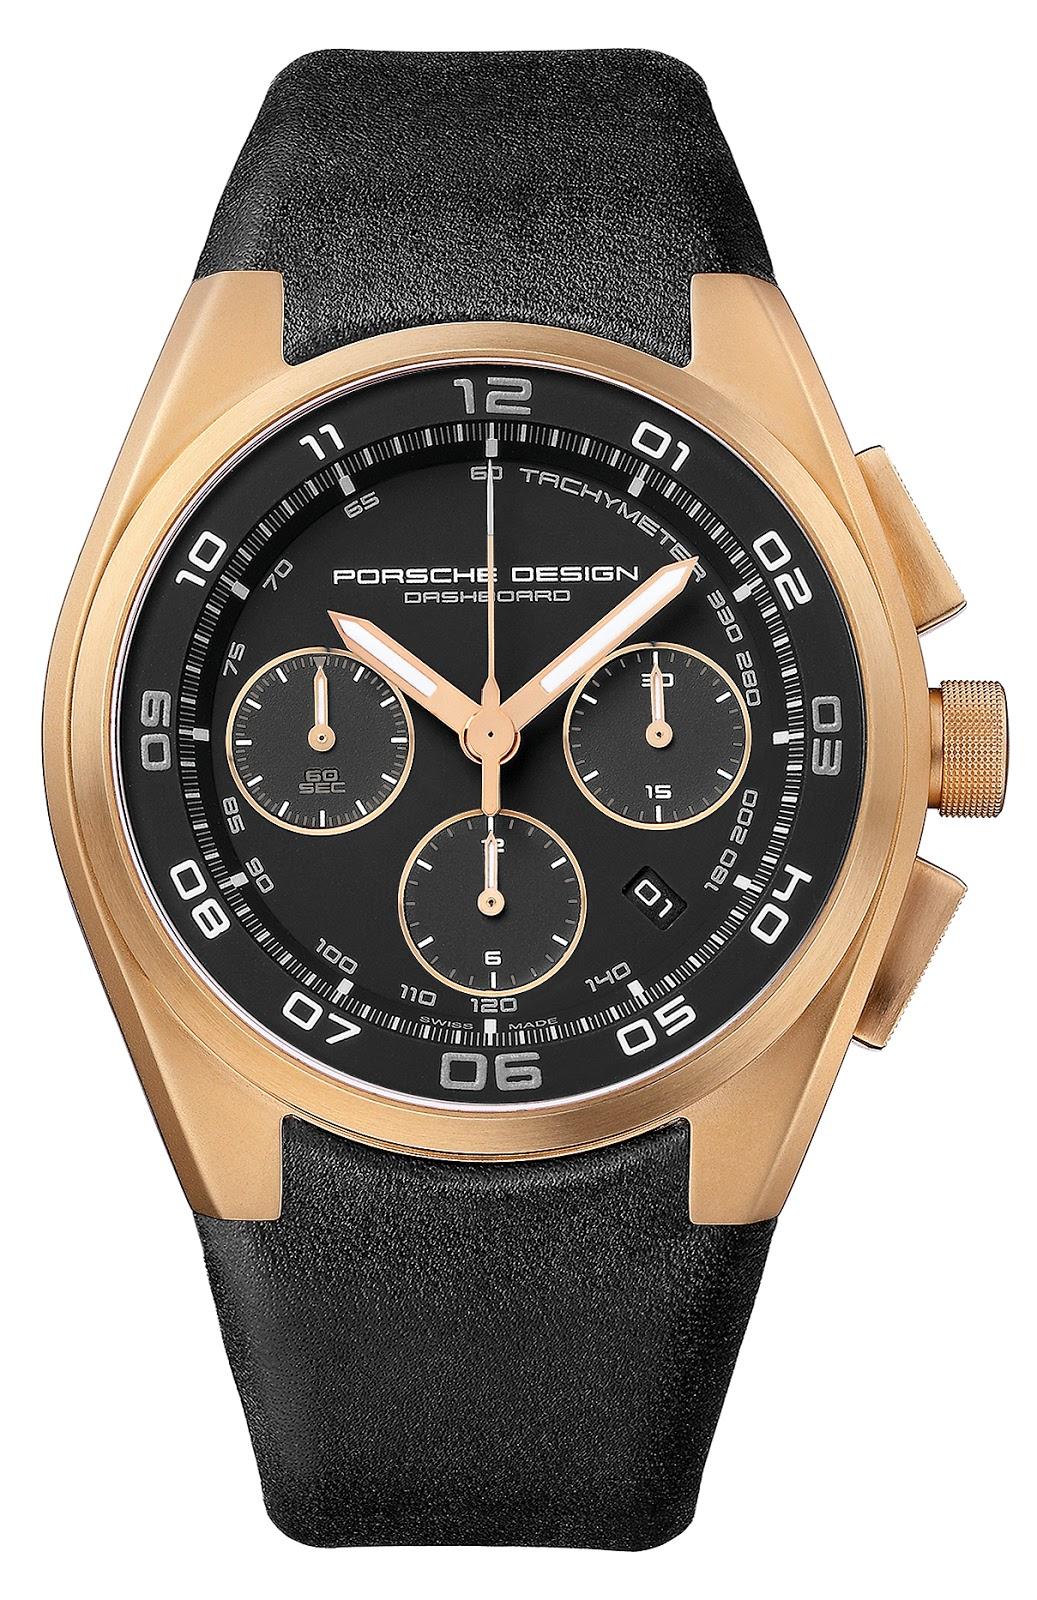 03cbf9f580f Chegado(s) ao mercado - relógio Porsche Design P 6620 Dashboard ouro rosa